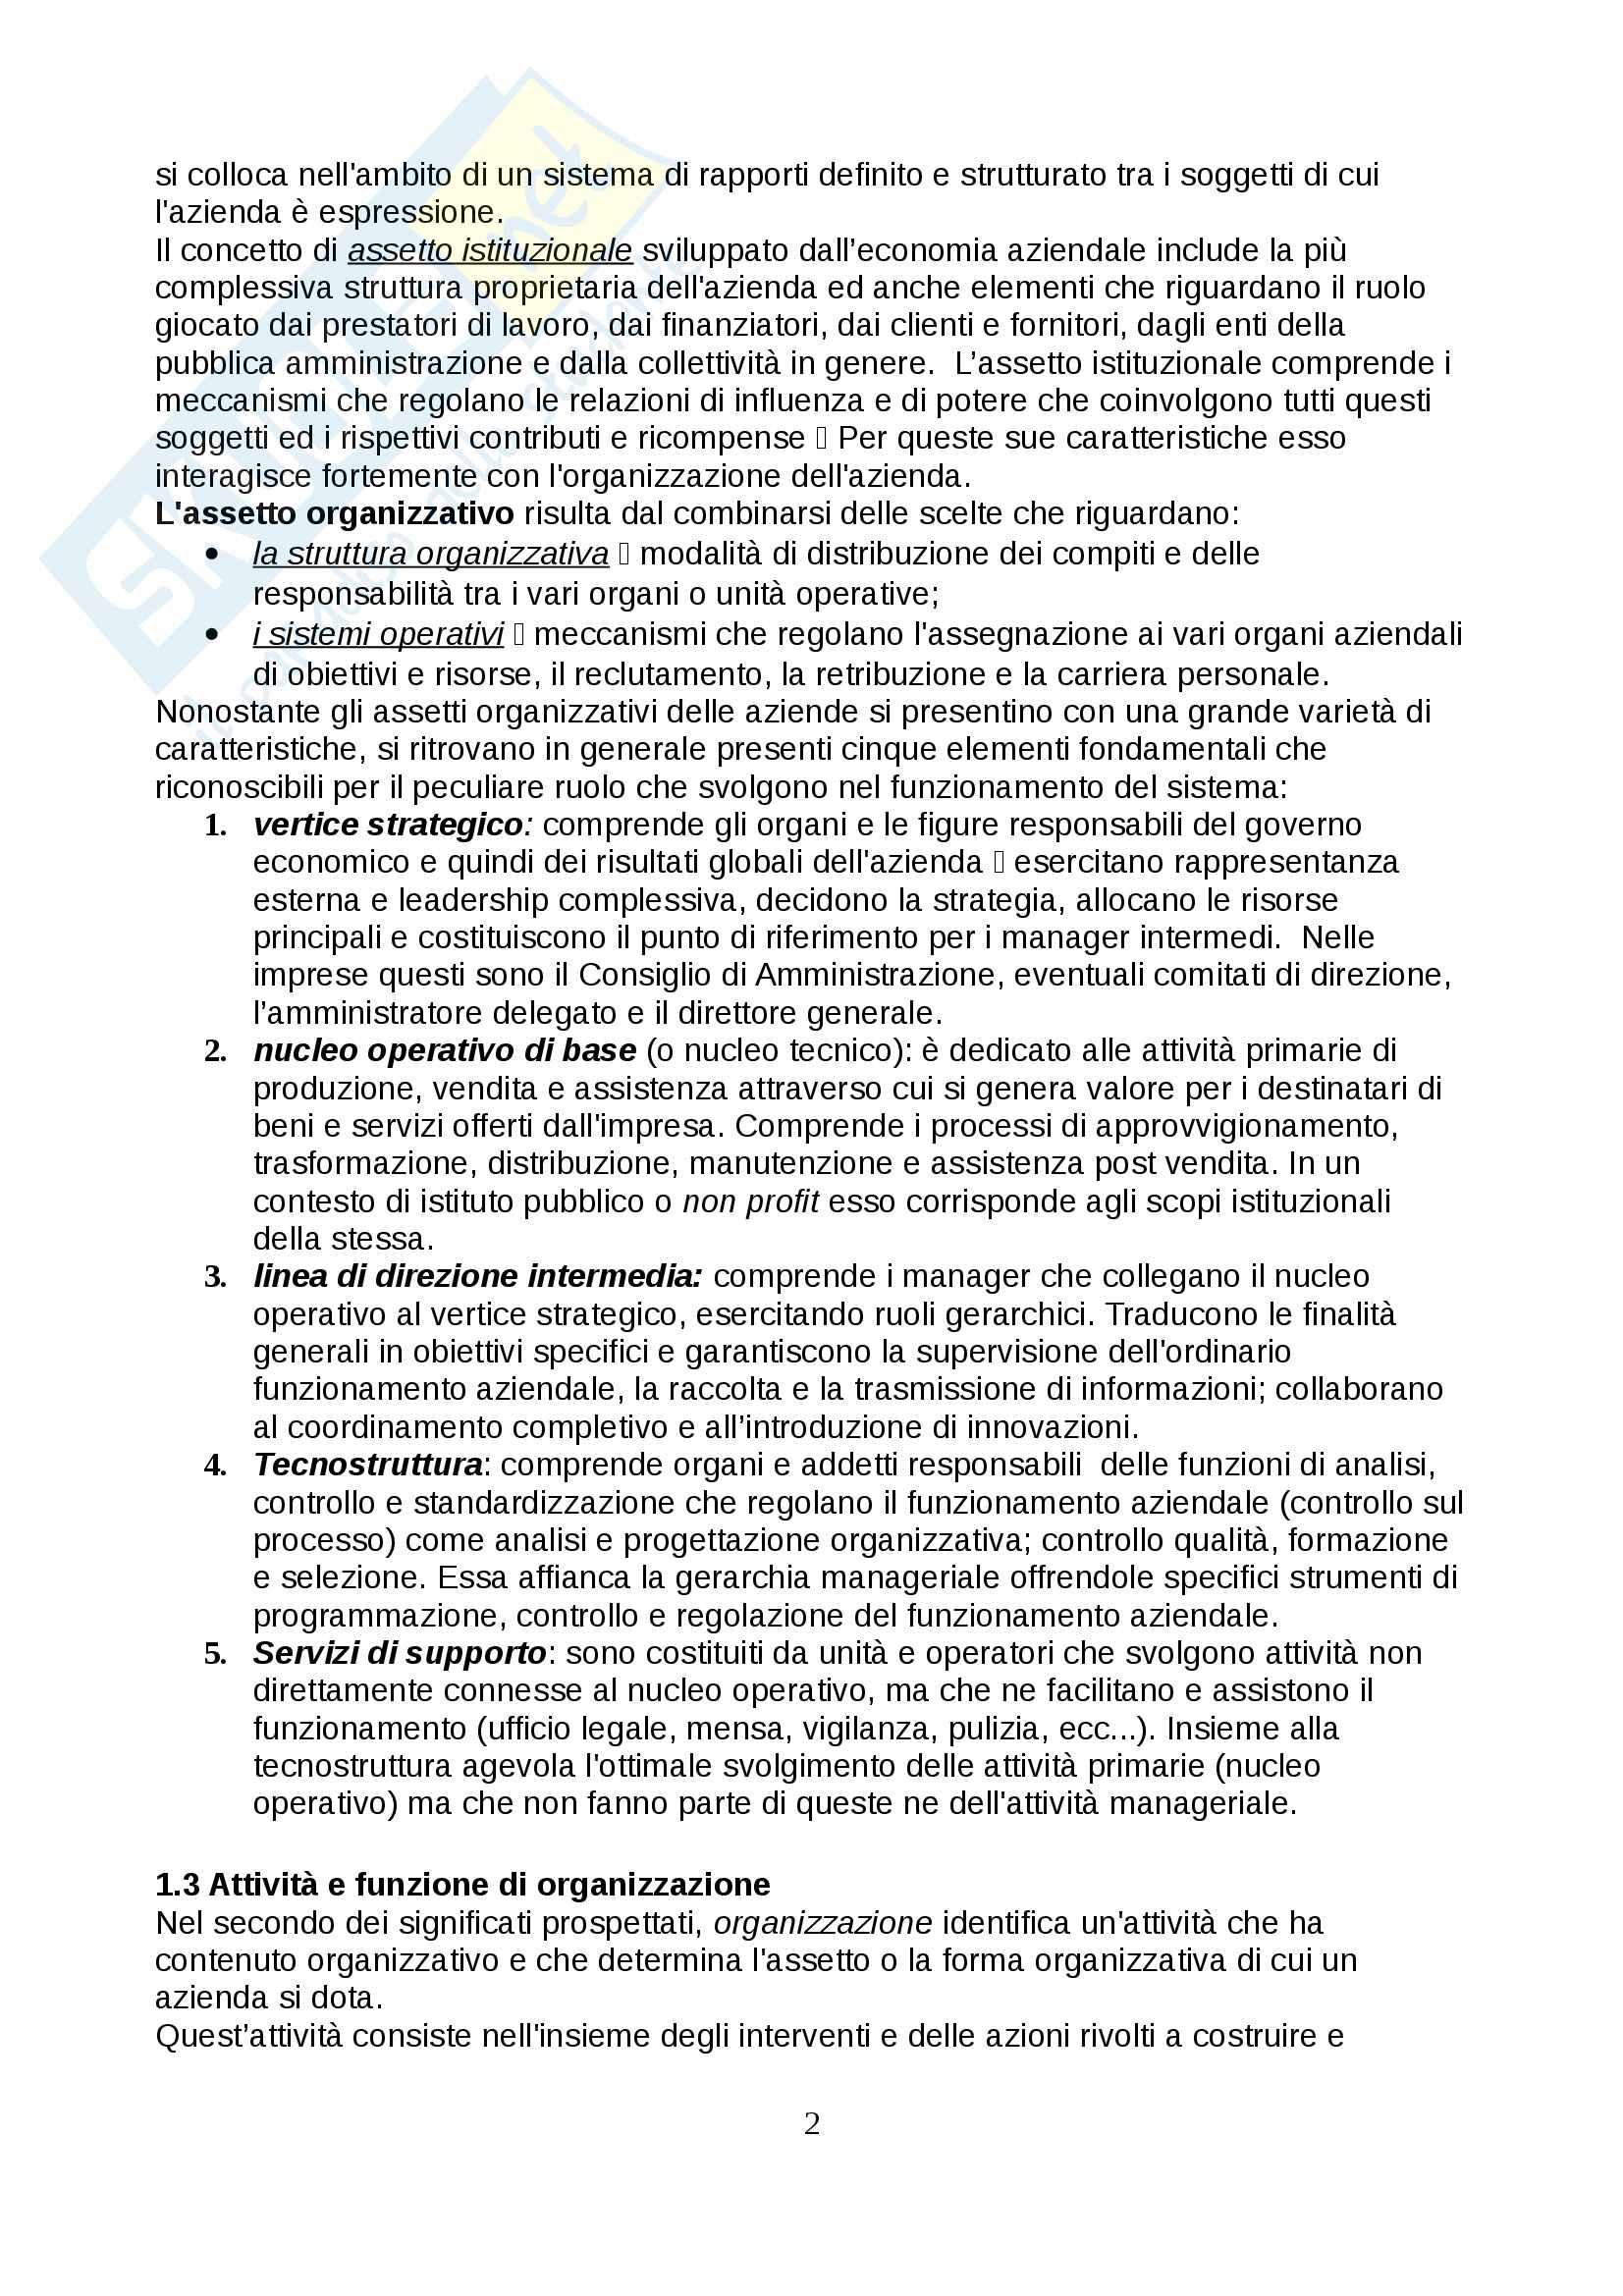 Riassunto esame per l'esame di Organizzazione Aziendale, prof. Conti, libro consigliato Manuale di organizzazione aziendale, Gianfranco Rebora Pag. 2